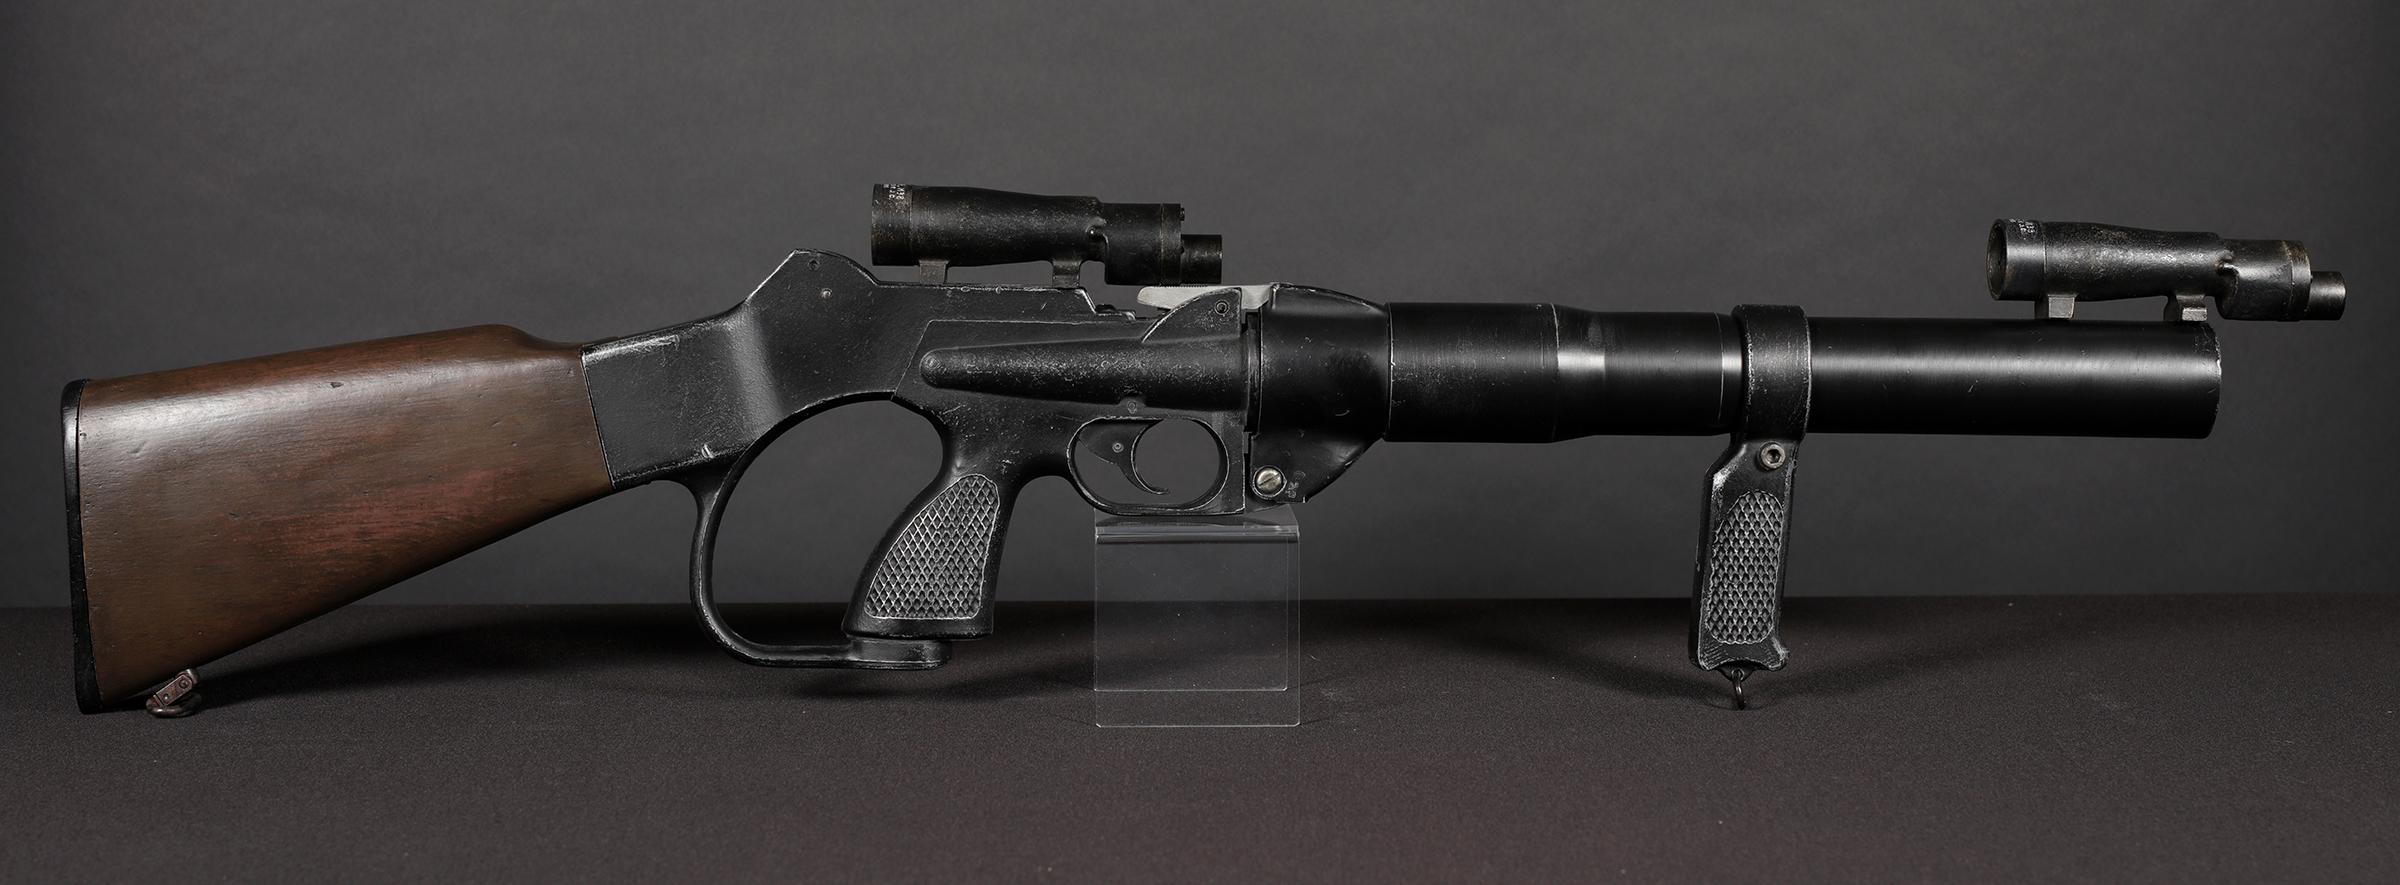 Bossk Relby-v10 Mortar Gun.jpg